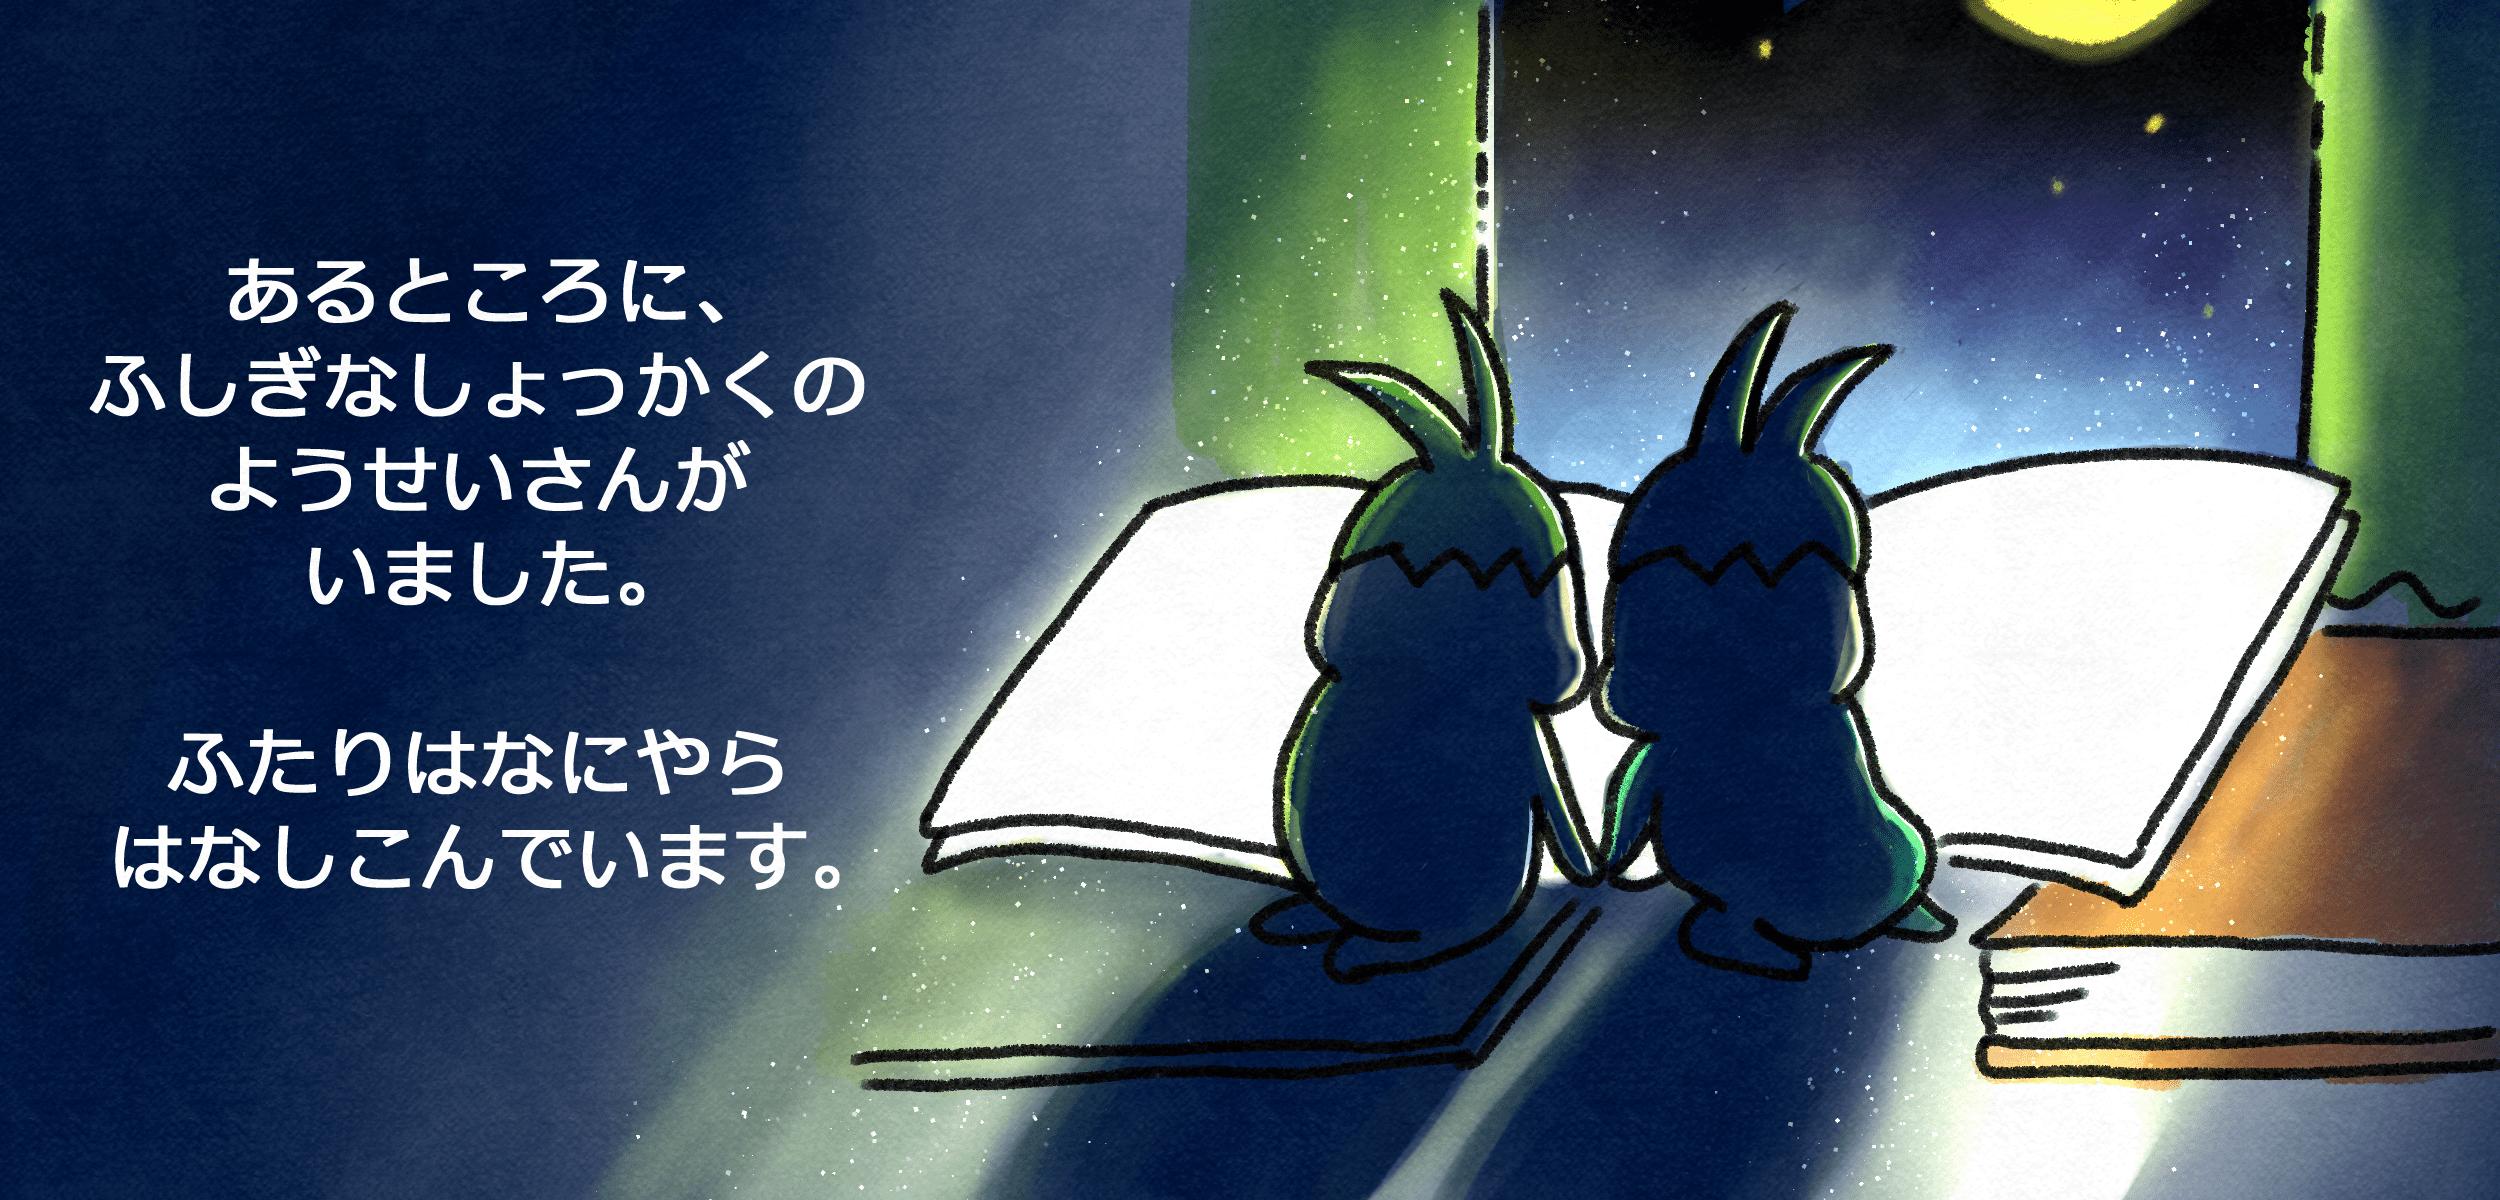 えほん_002